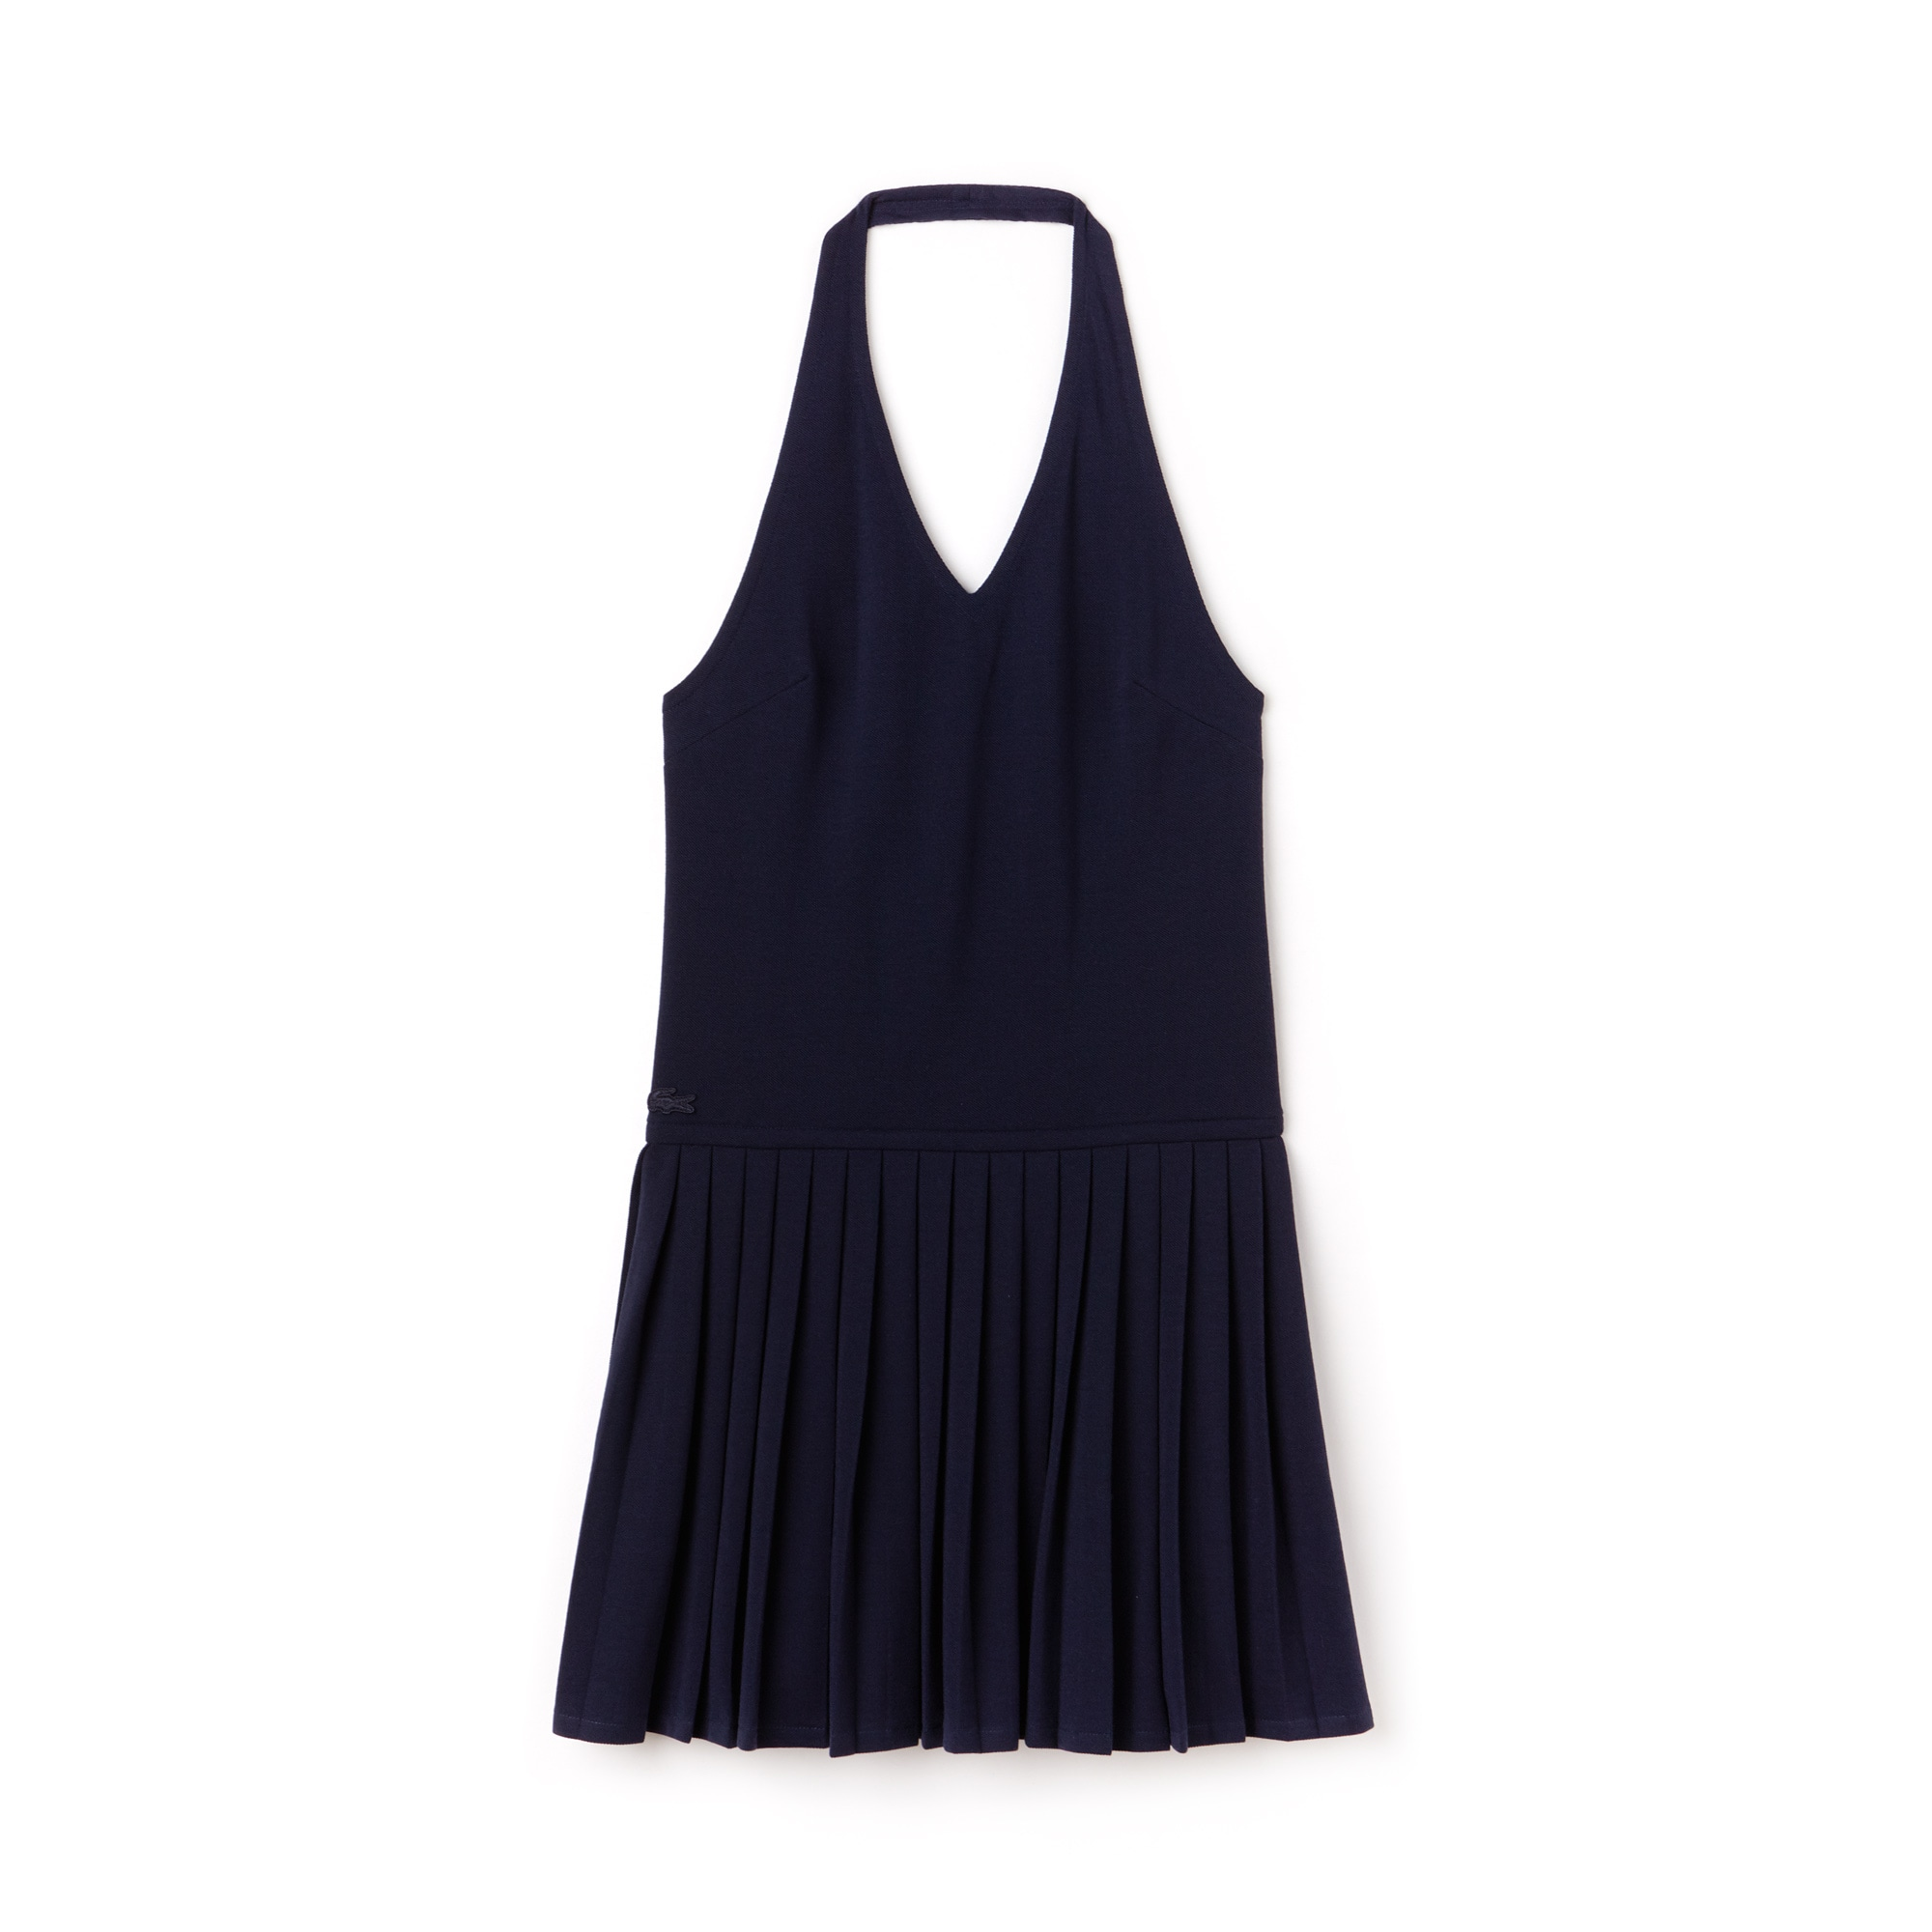 Lacoste Femme Femme Femme Lacoste Vêtements Lacoste Vêtements Femme Mode Vêtements Mode Vêtements Mode Lacoste Mode wxqaB57UU